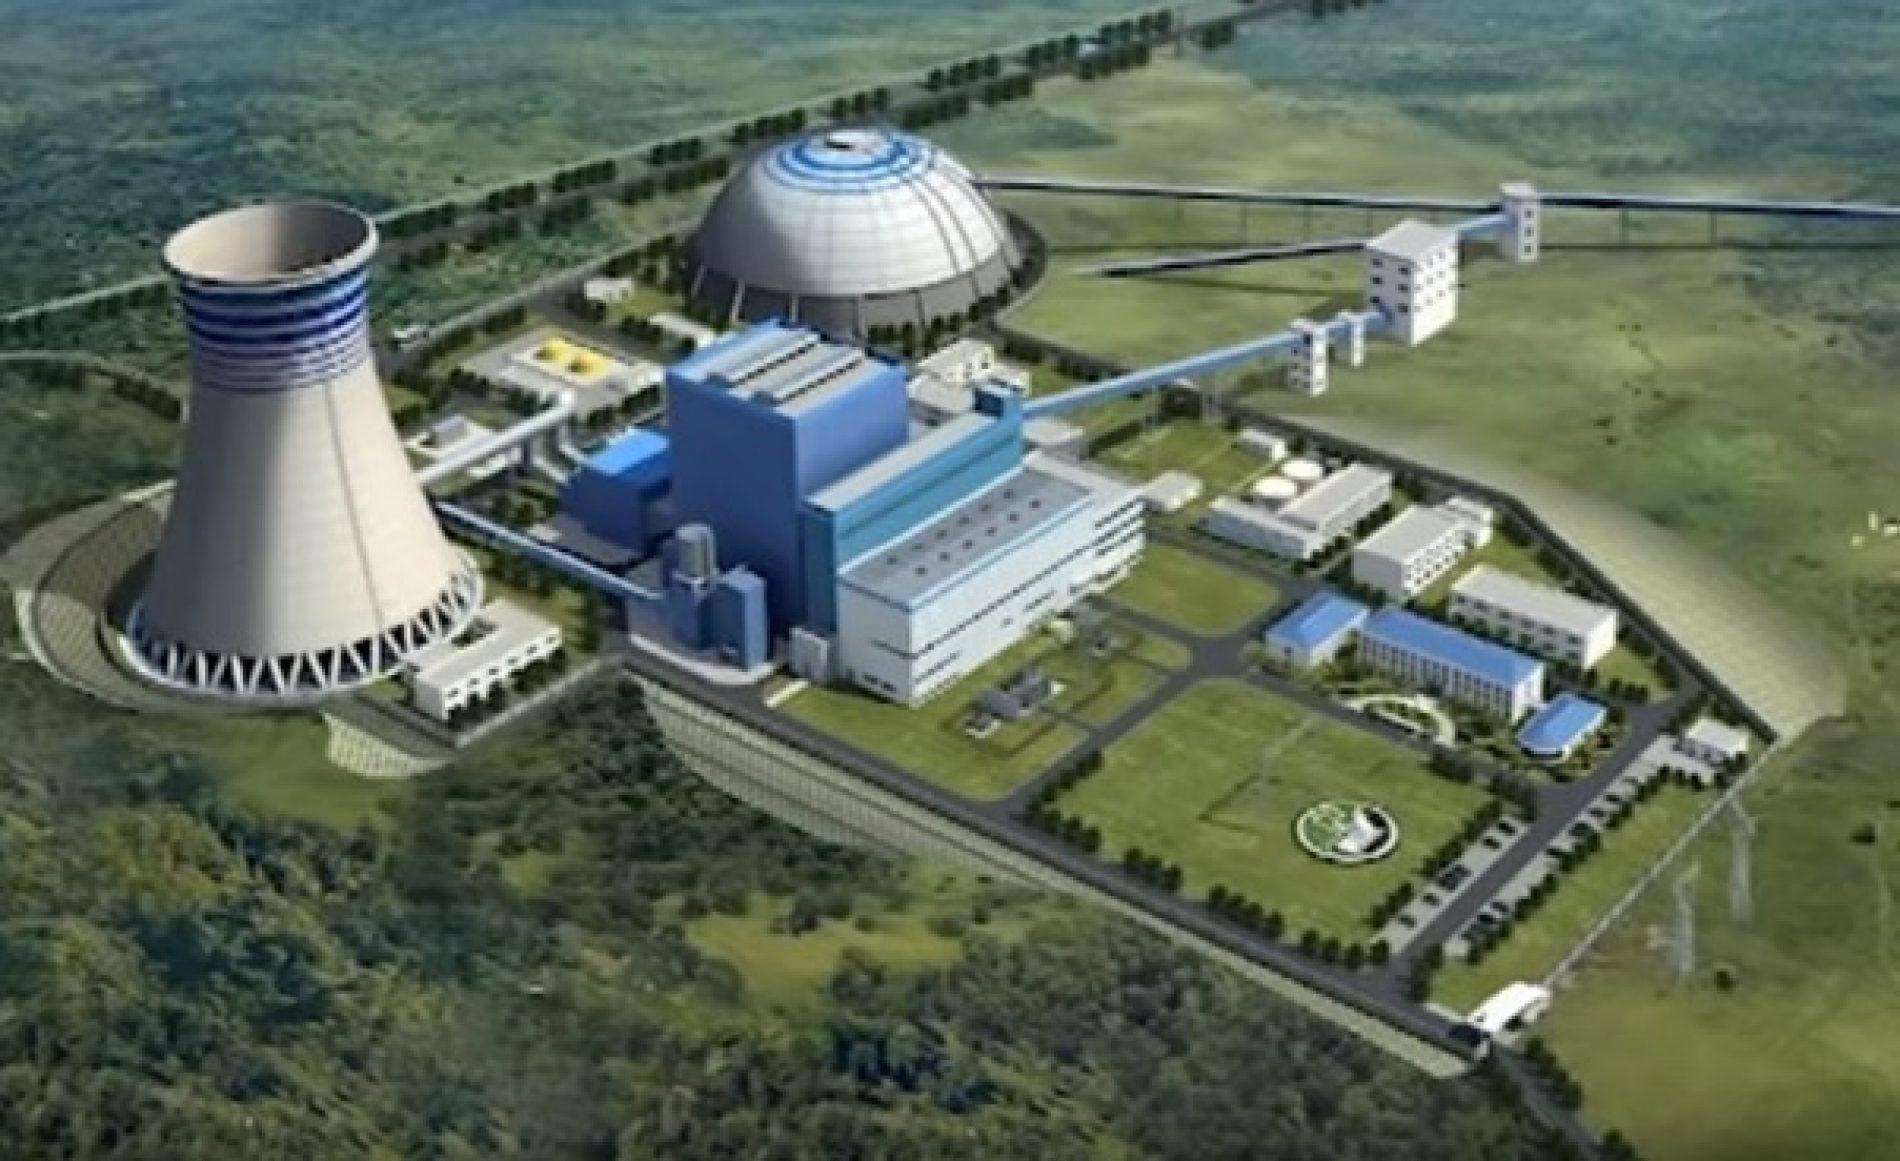 Posao od 14 mil. maraka: Uskoro počinju radovi na izgradnji Termoelektrane Banovići